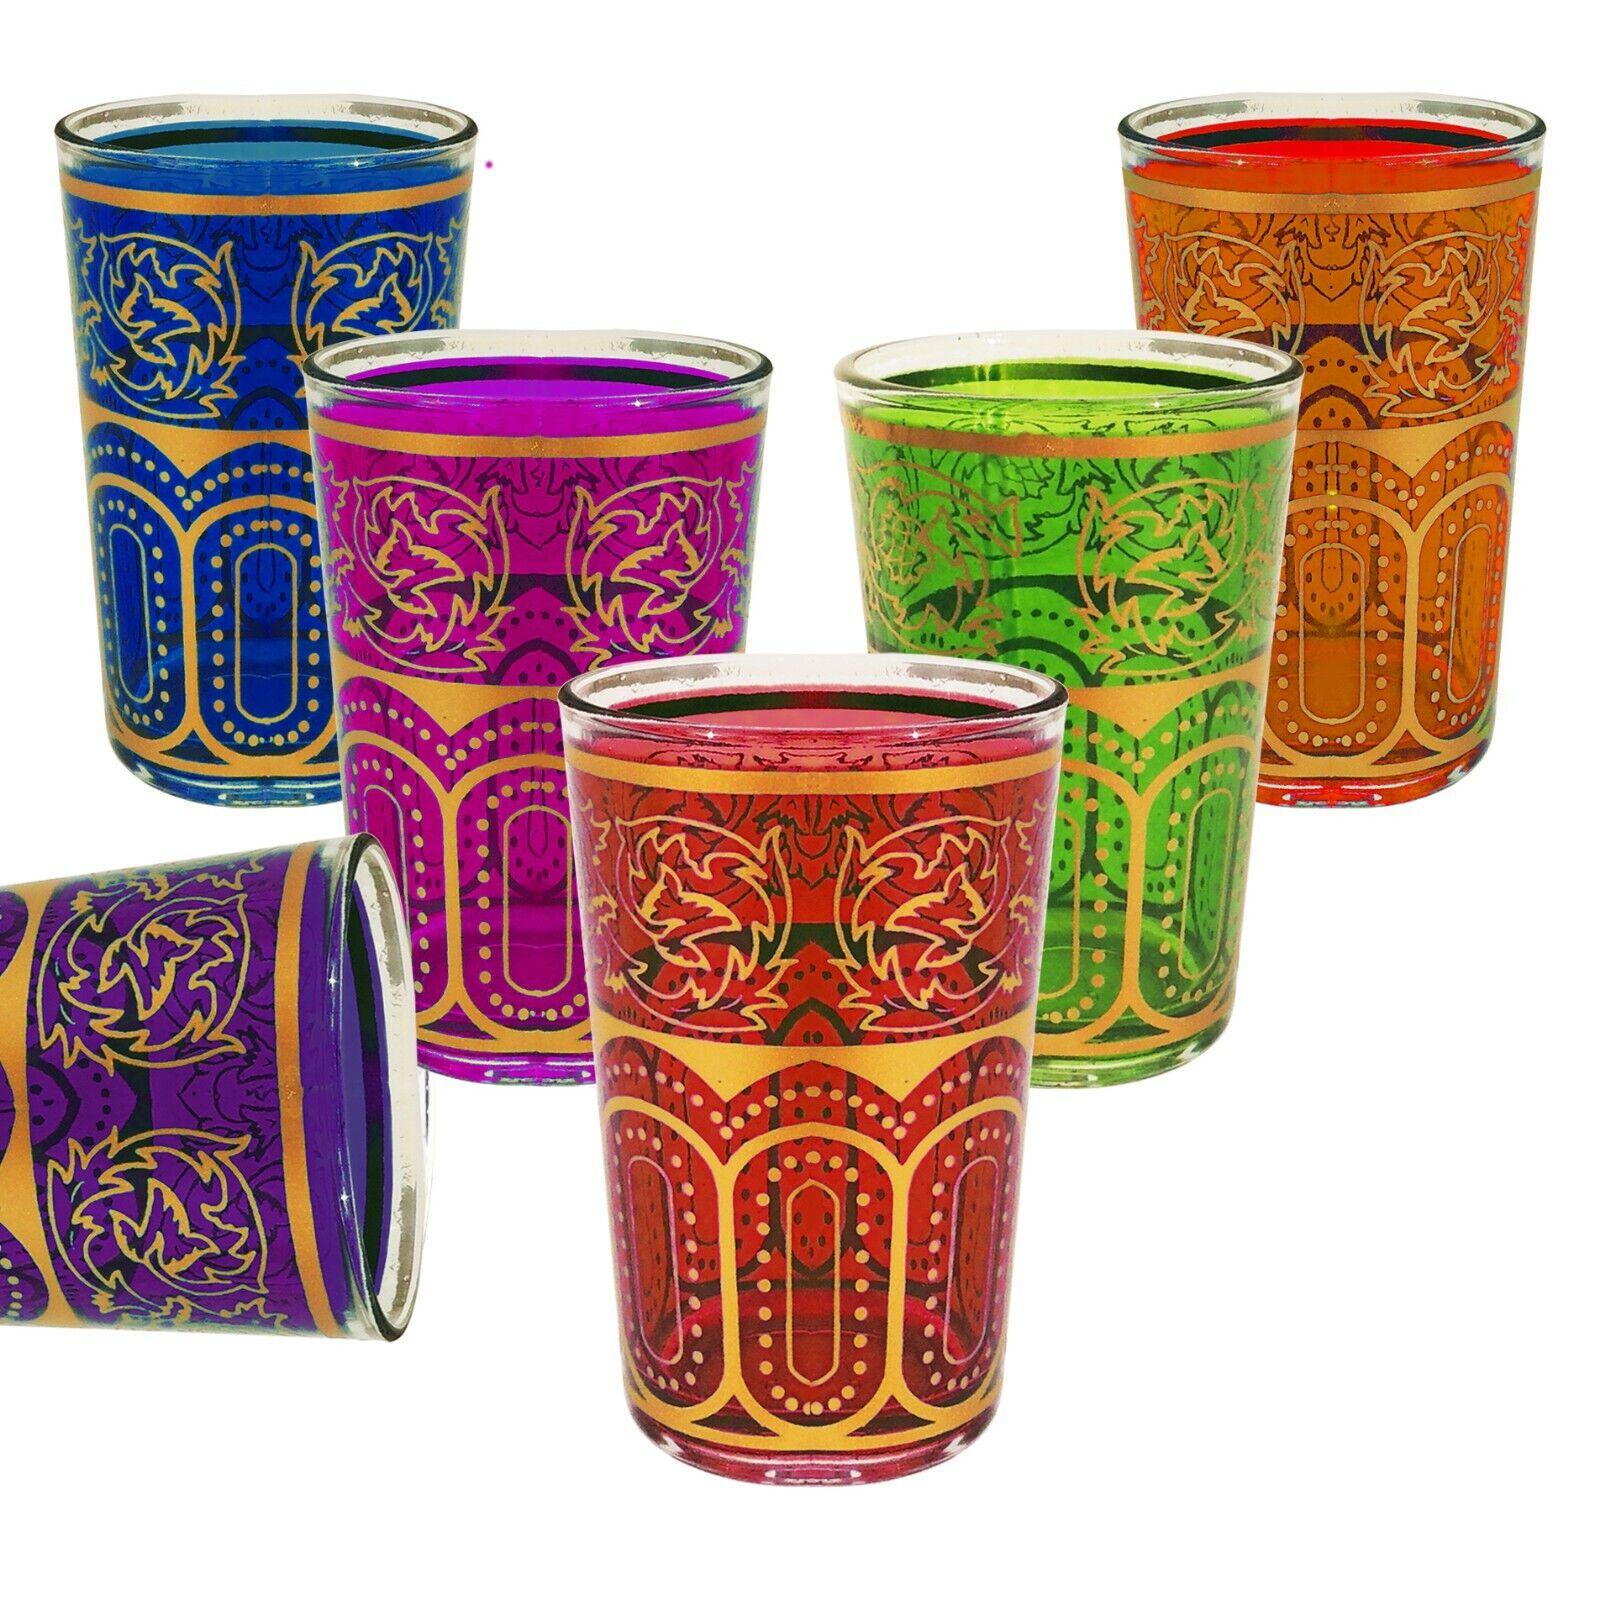 6er Set marokkanische teegläser Atlas - Arabische Orientalische Gläser Marokko